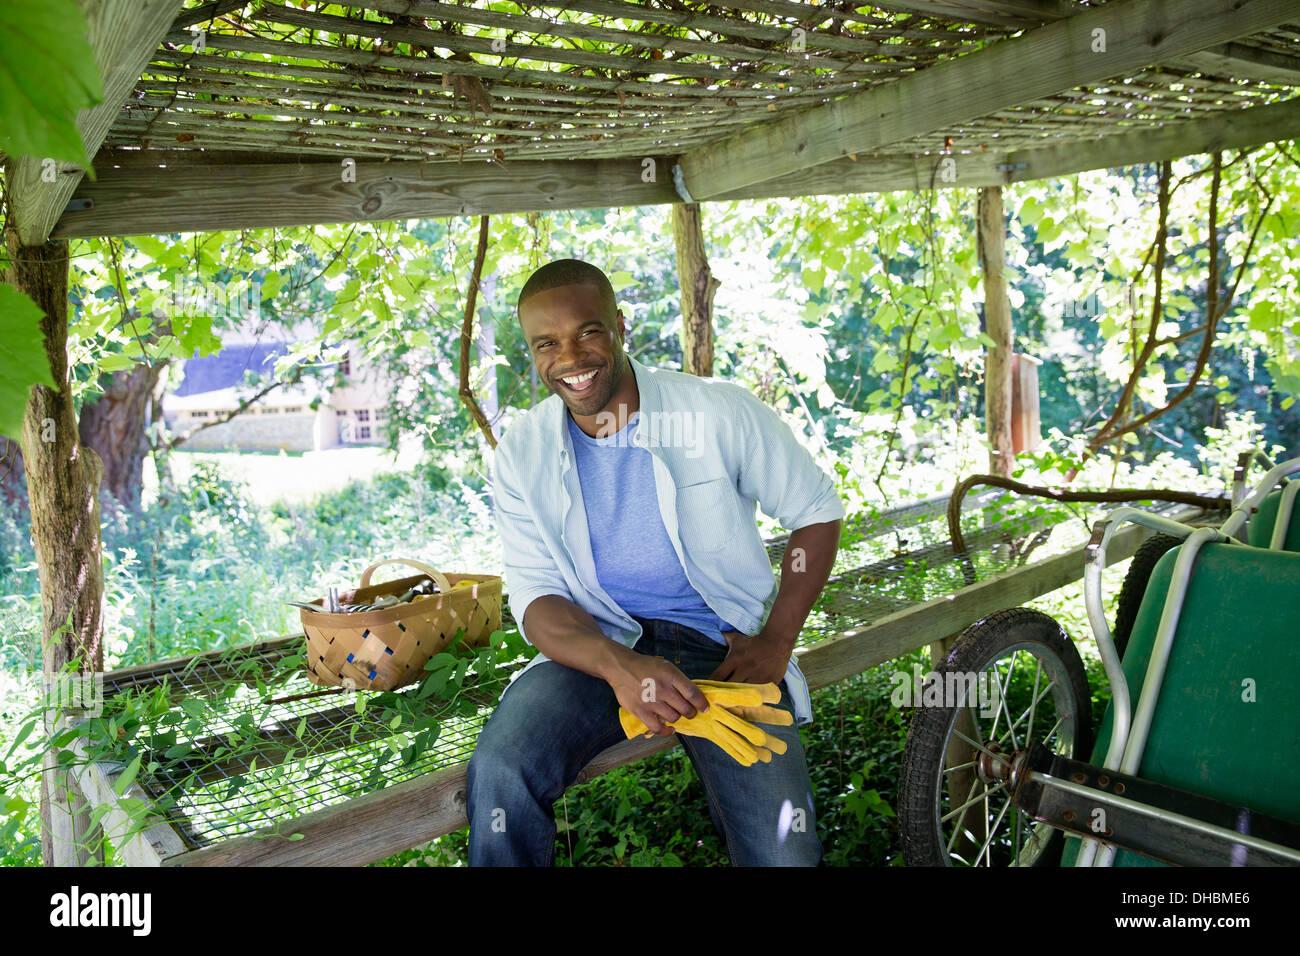 Una fattoria la coltivazione e vendita di ortaggi e frutta. Un uomo al lavoro. Immagini Stock